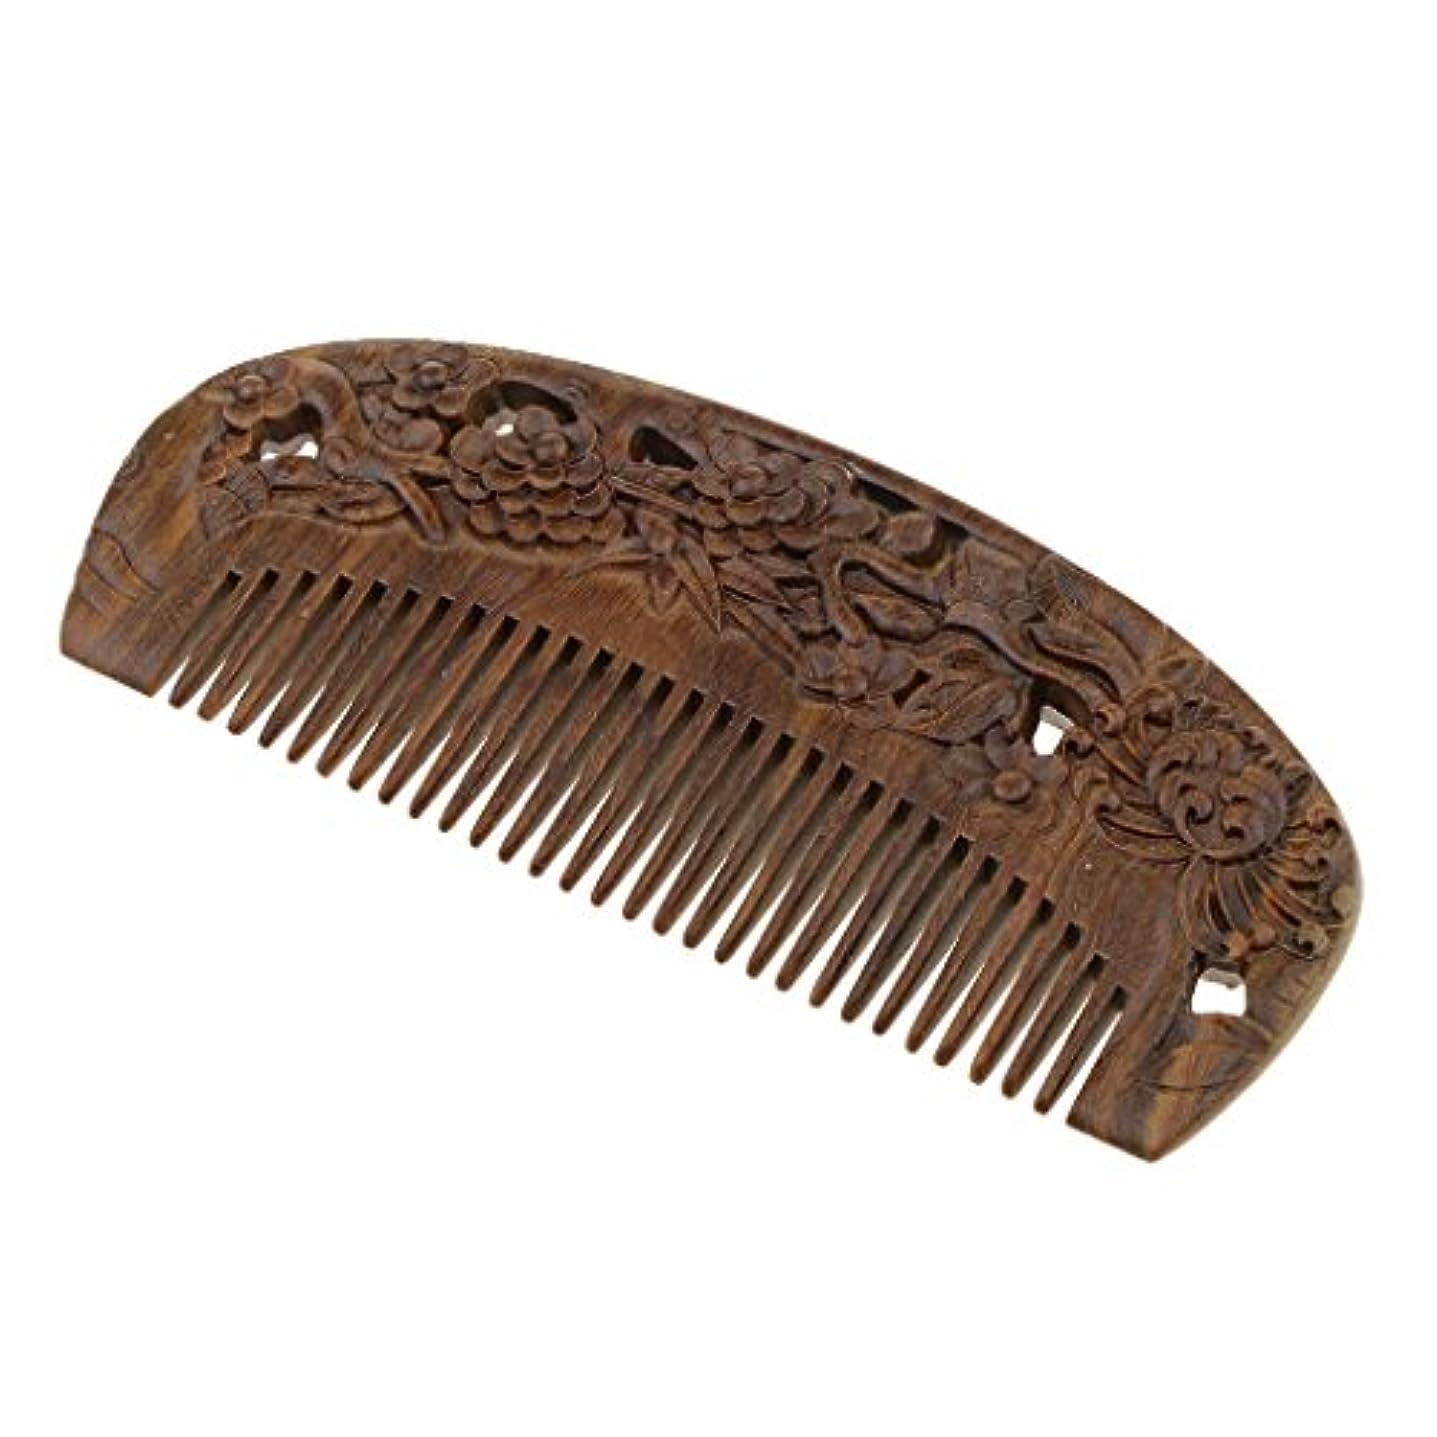 ドーム忌避剤更新するT TOOYFUL 木製櫛 木製コーム ウッドコーム ワイド歯 ヘアブラシ 頭皮マッサージ 静電防止 全2種類 - #2